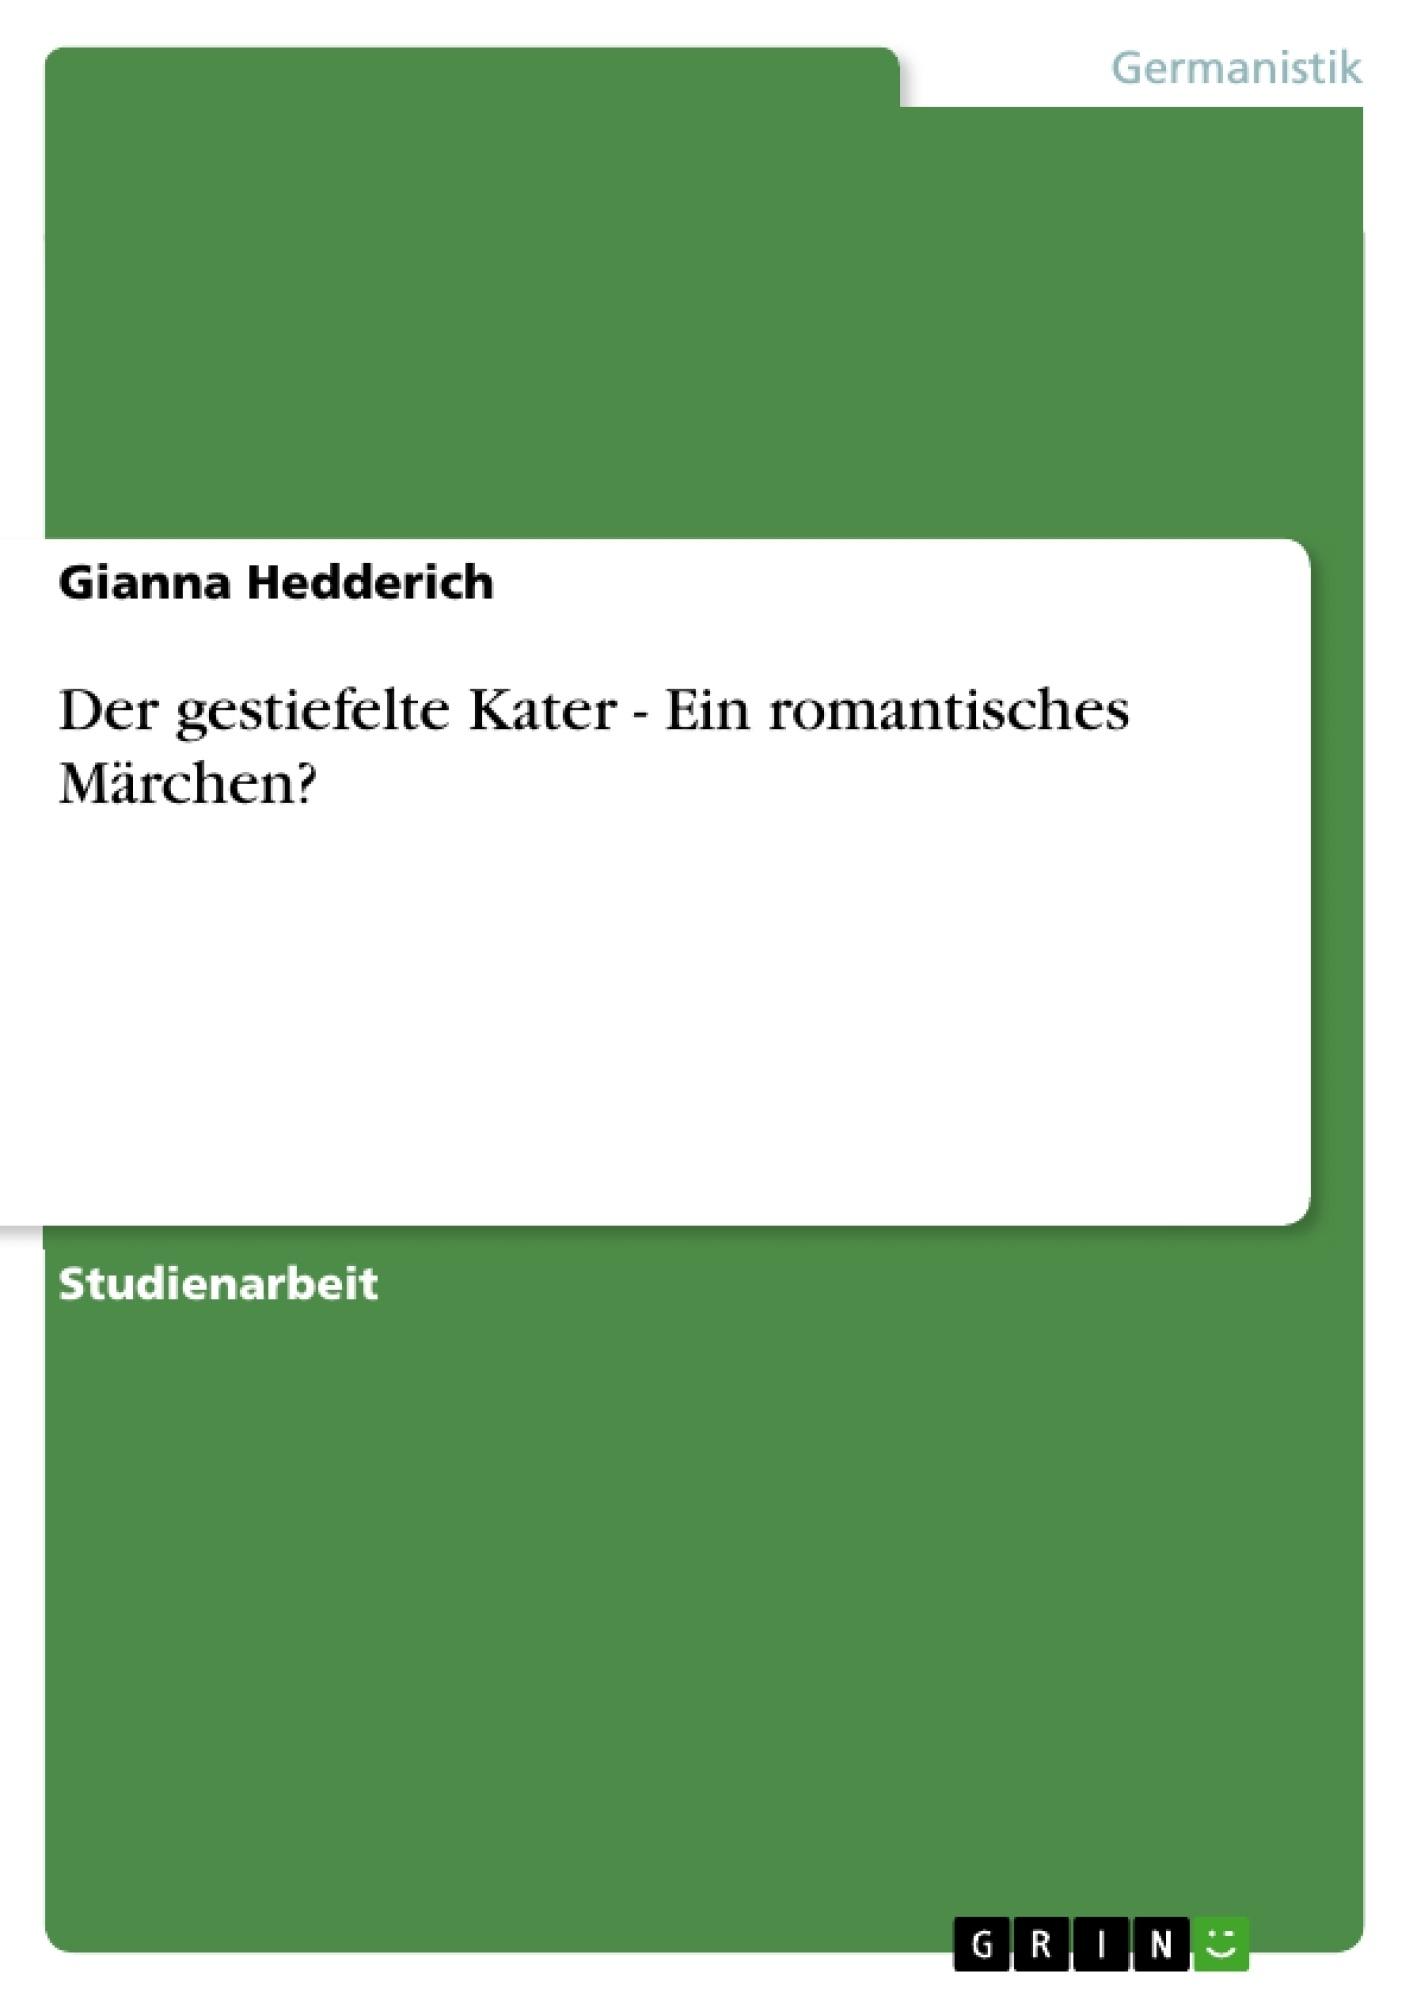 Titel: Der gestiefelte Kater - Ein romantisches Märchen?